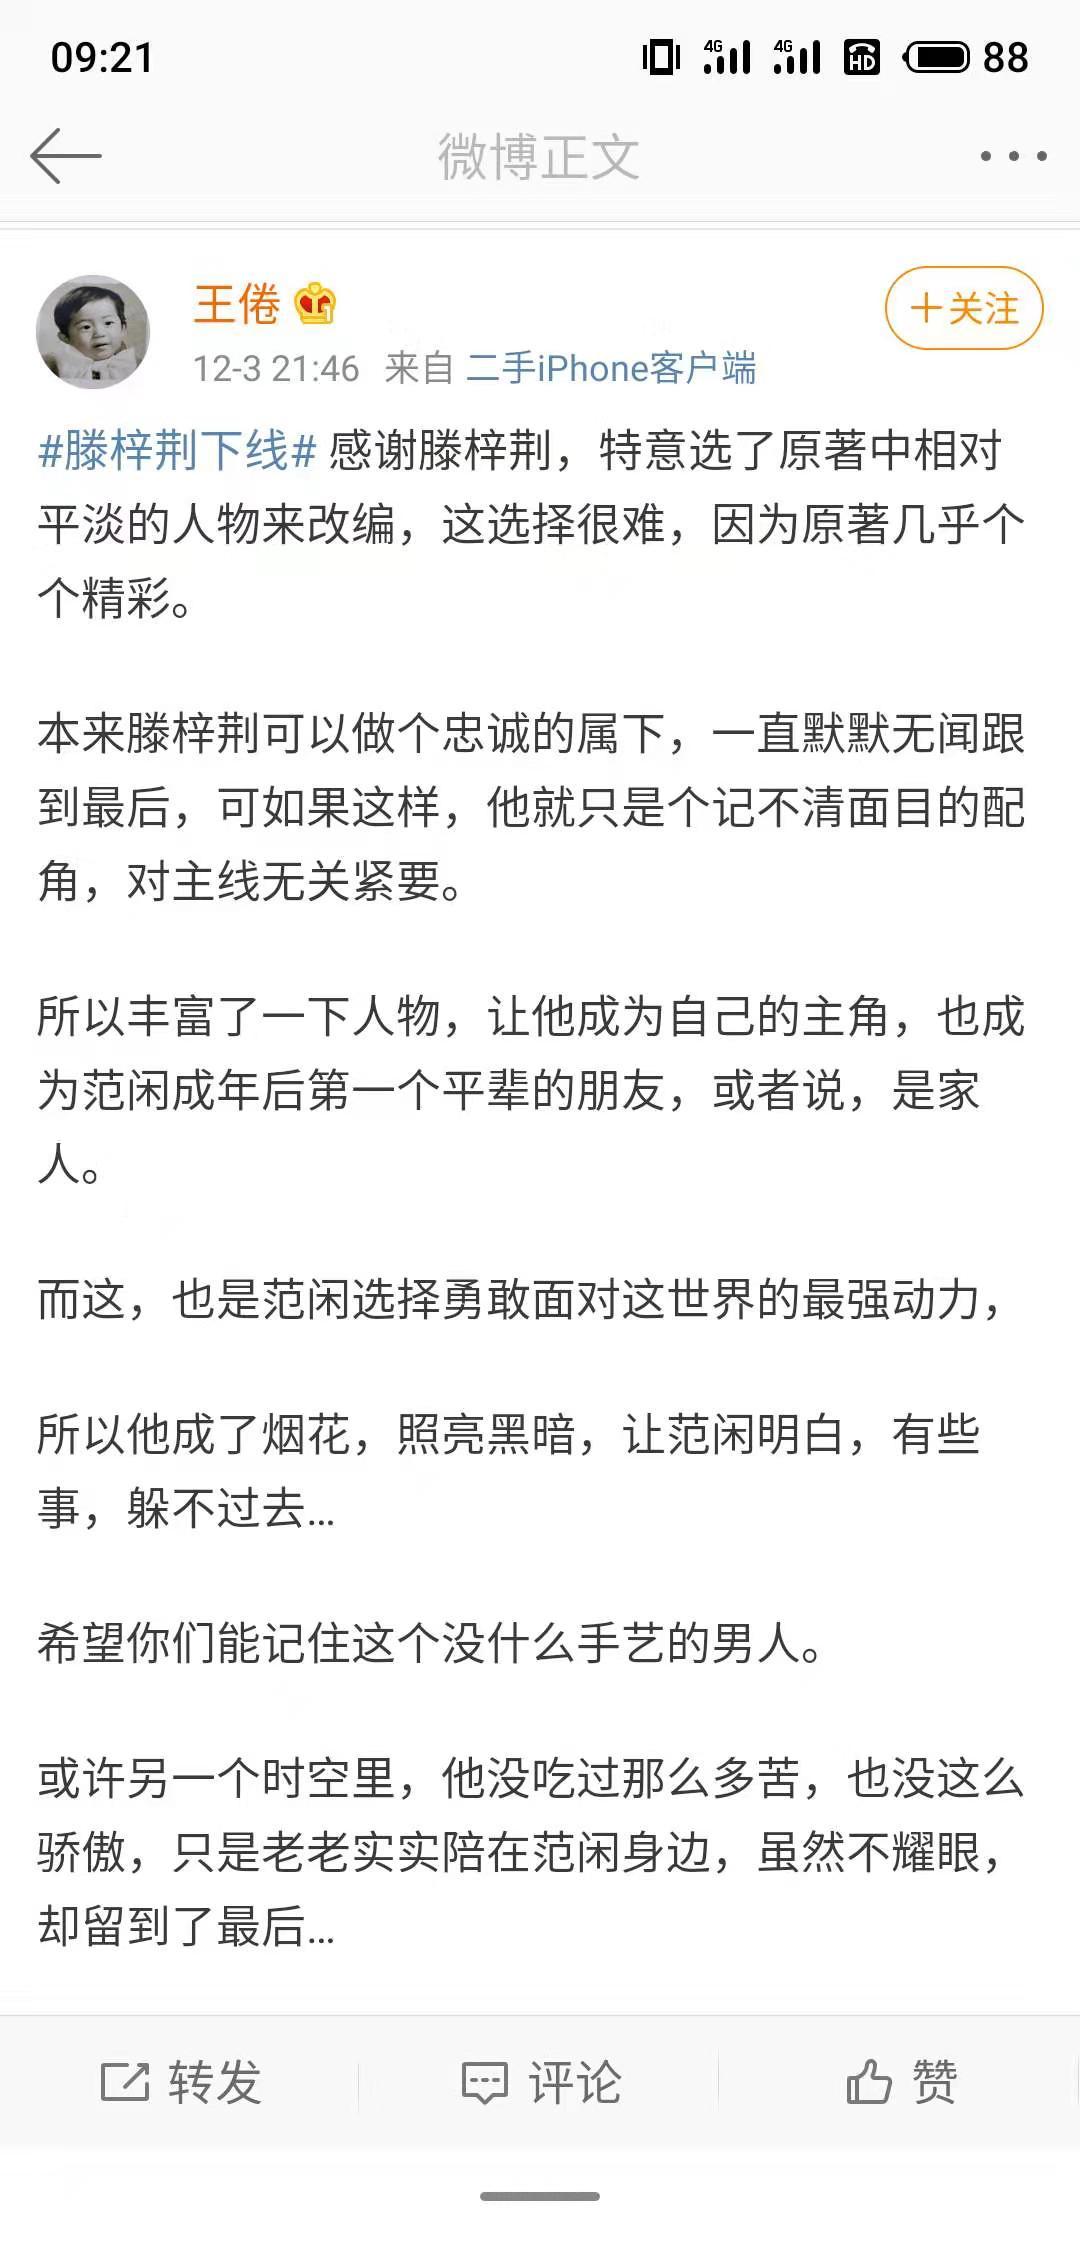 余庆年曲谱_余庆年演员表全部演员